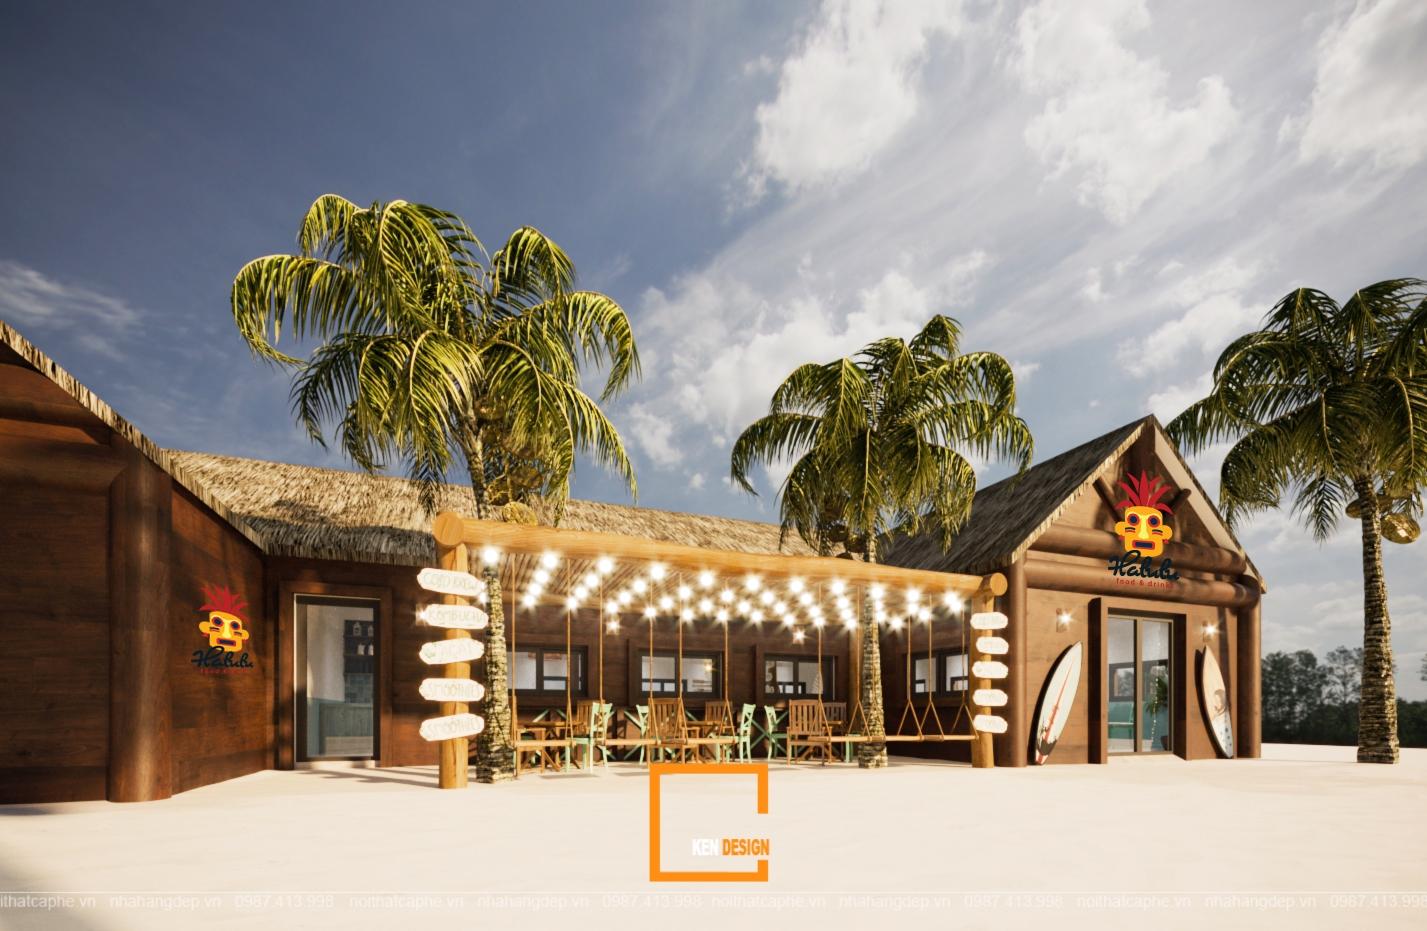 Thiết kế quán cafe Halulu Food & Drinks tại Phú Quốc cơ sở 2